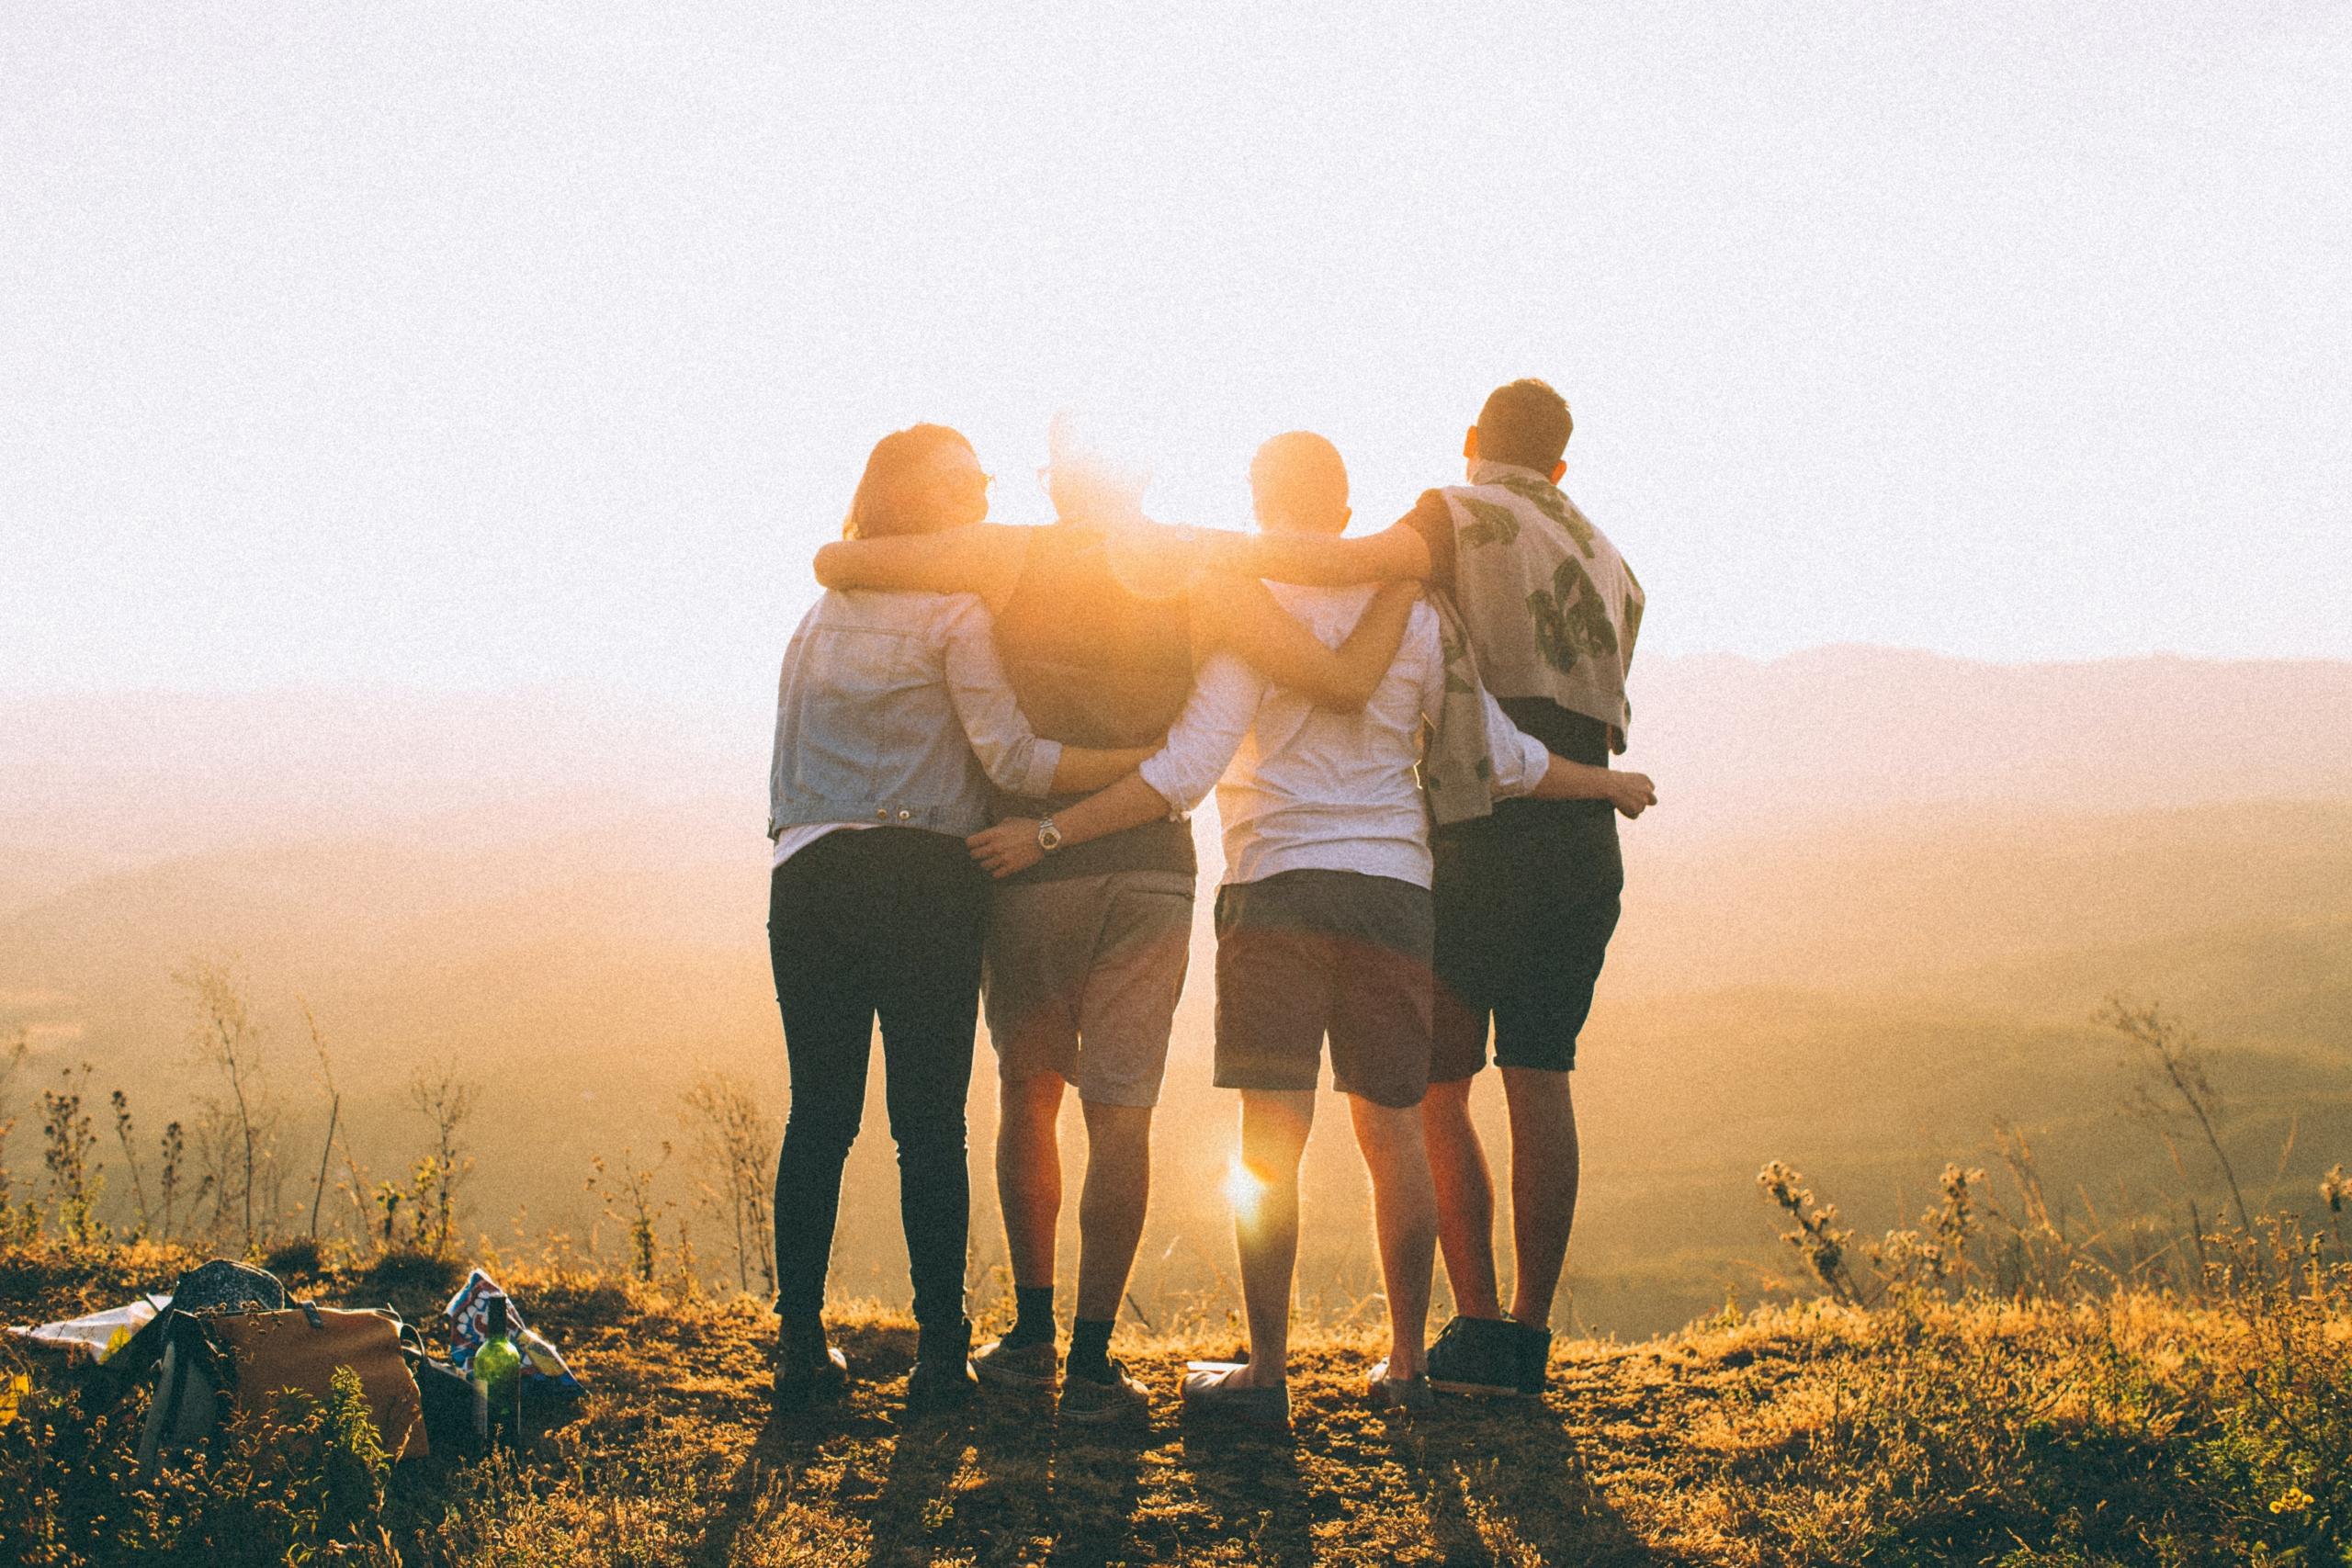 waarom we in teamverband werken